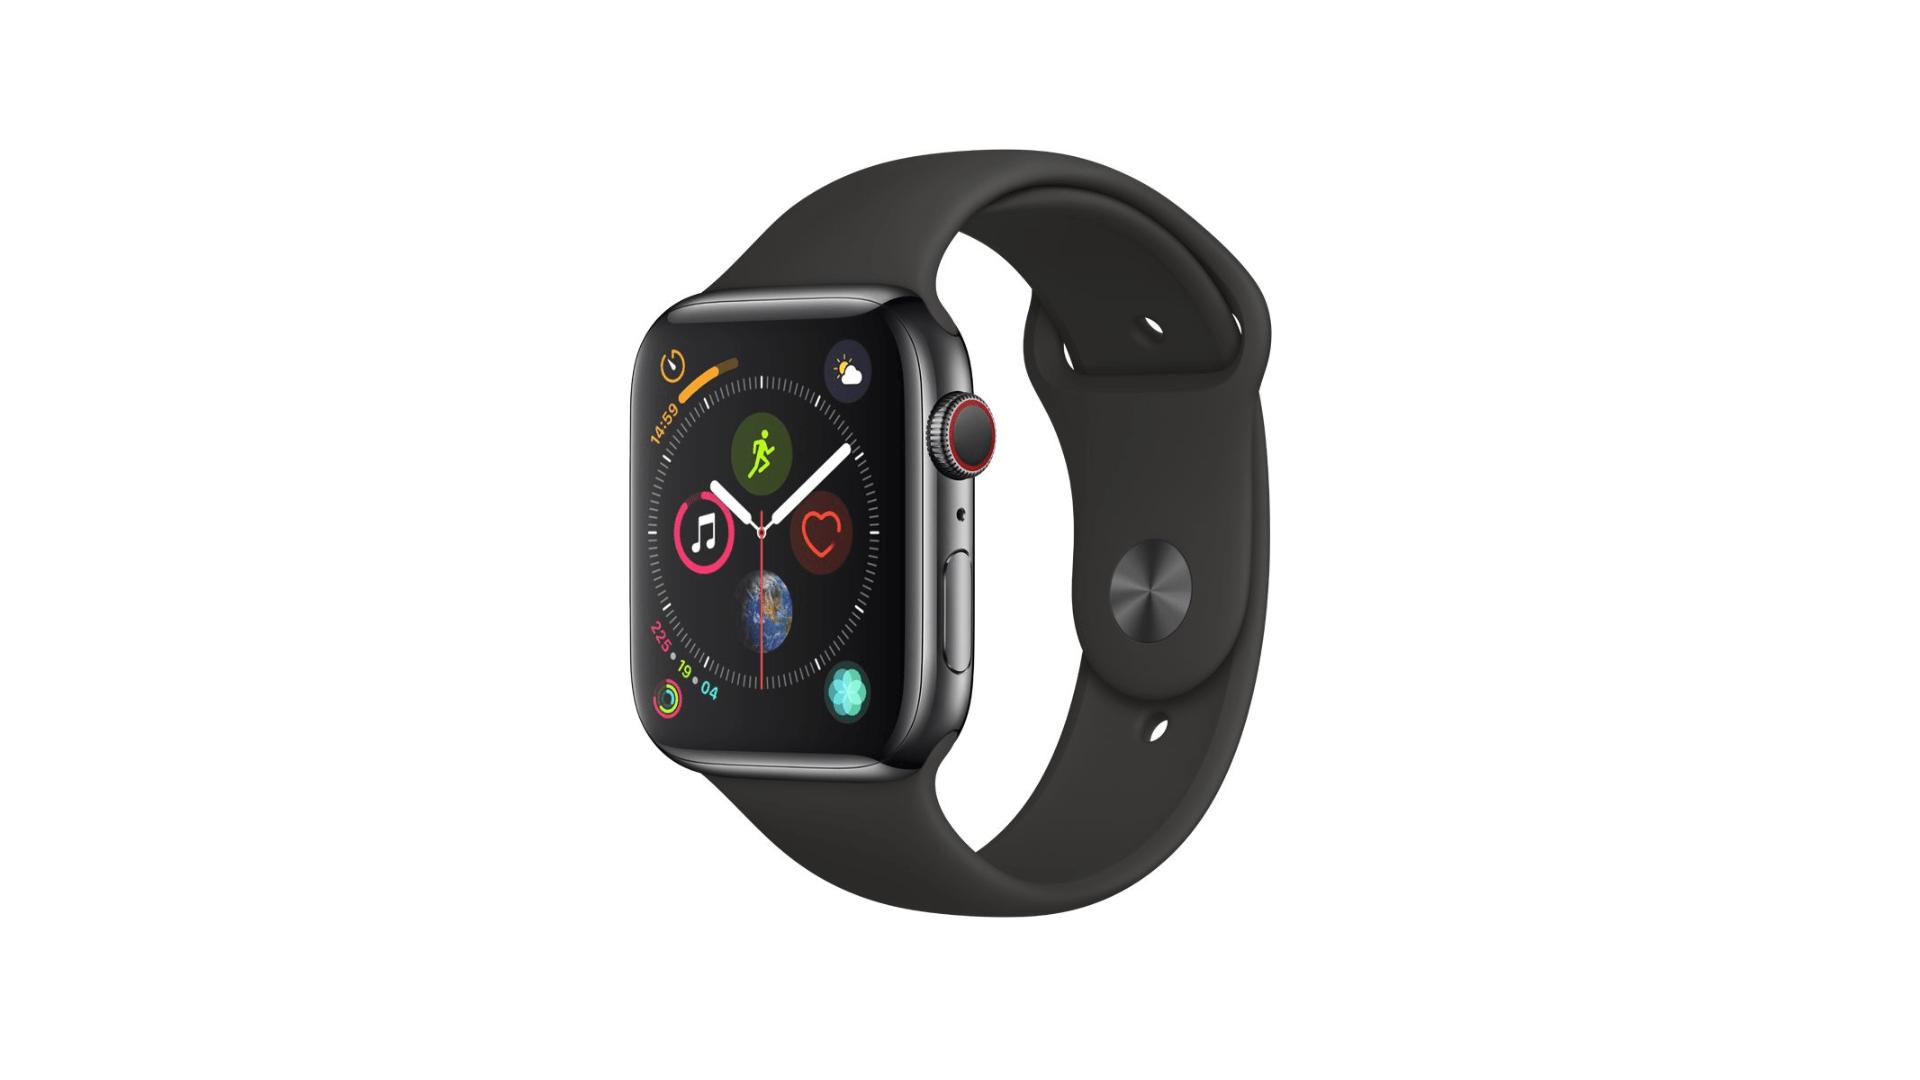 Le Deal du Jour : seulement 359 euros pour la version 4G de l'Apple Watch Series 4 44 mm